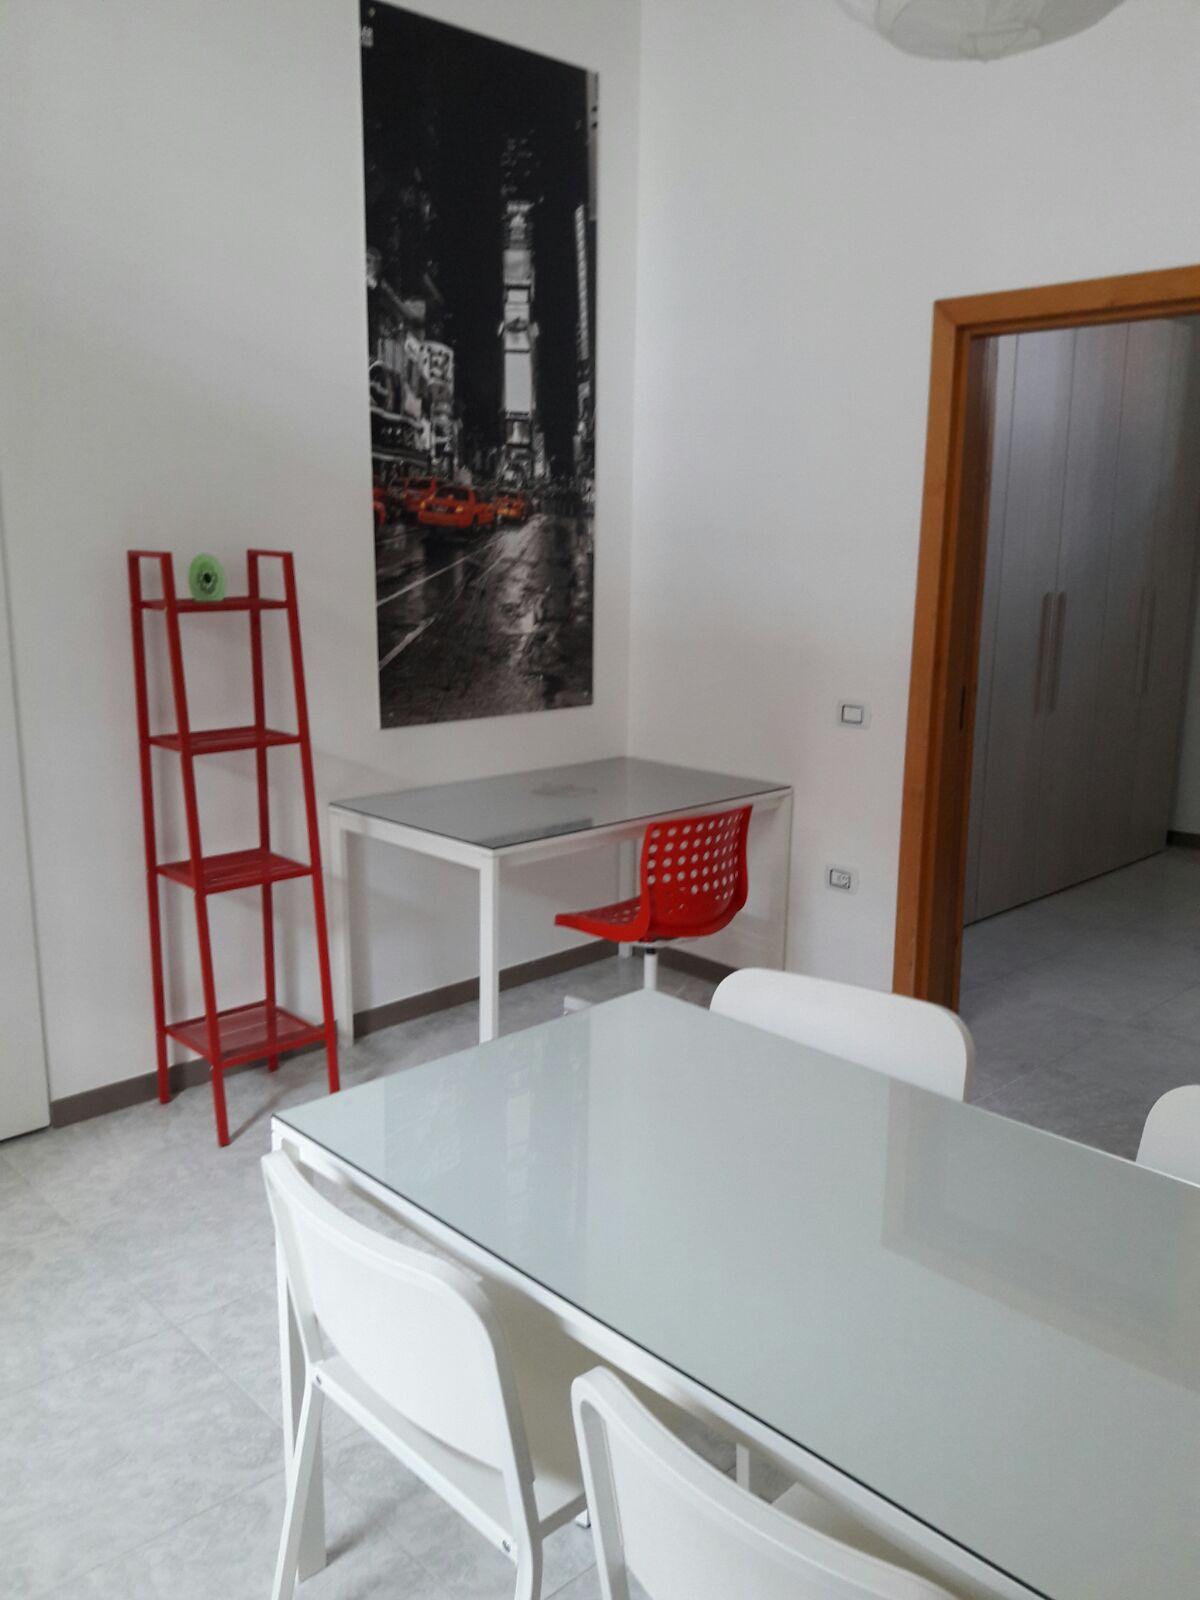 Bilocale affitto caserta via san nicola for Affitto caserta arredato